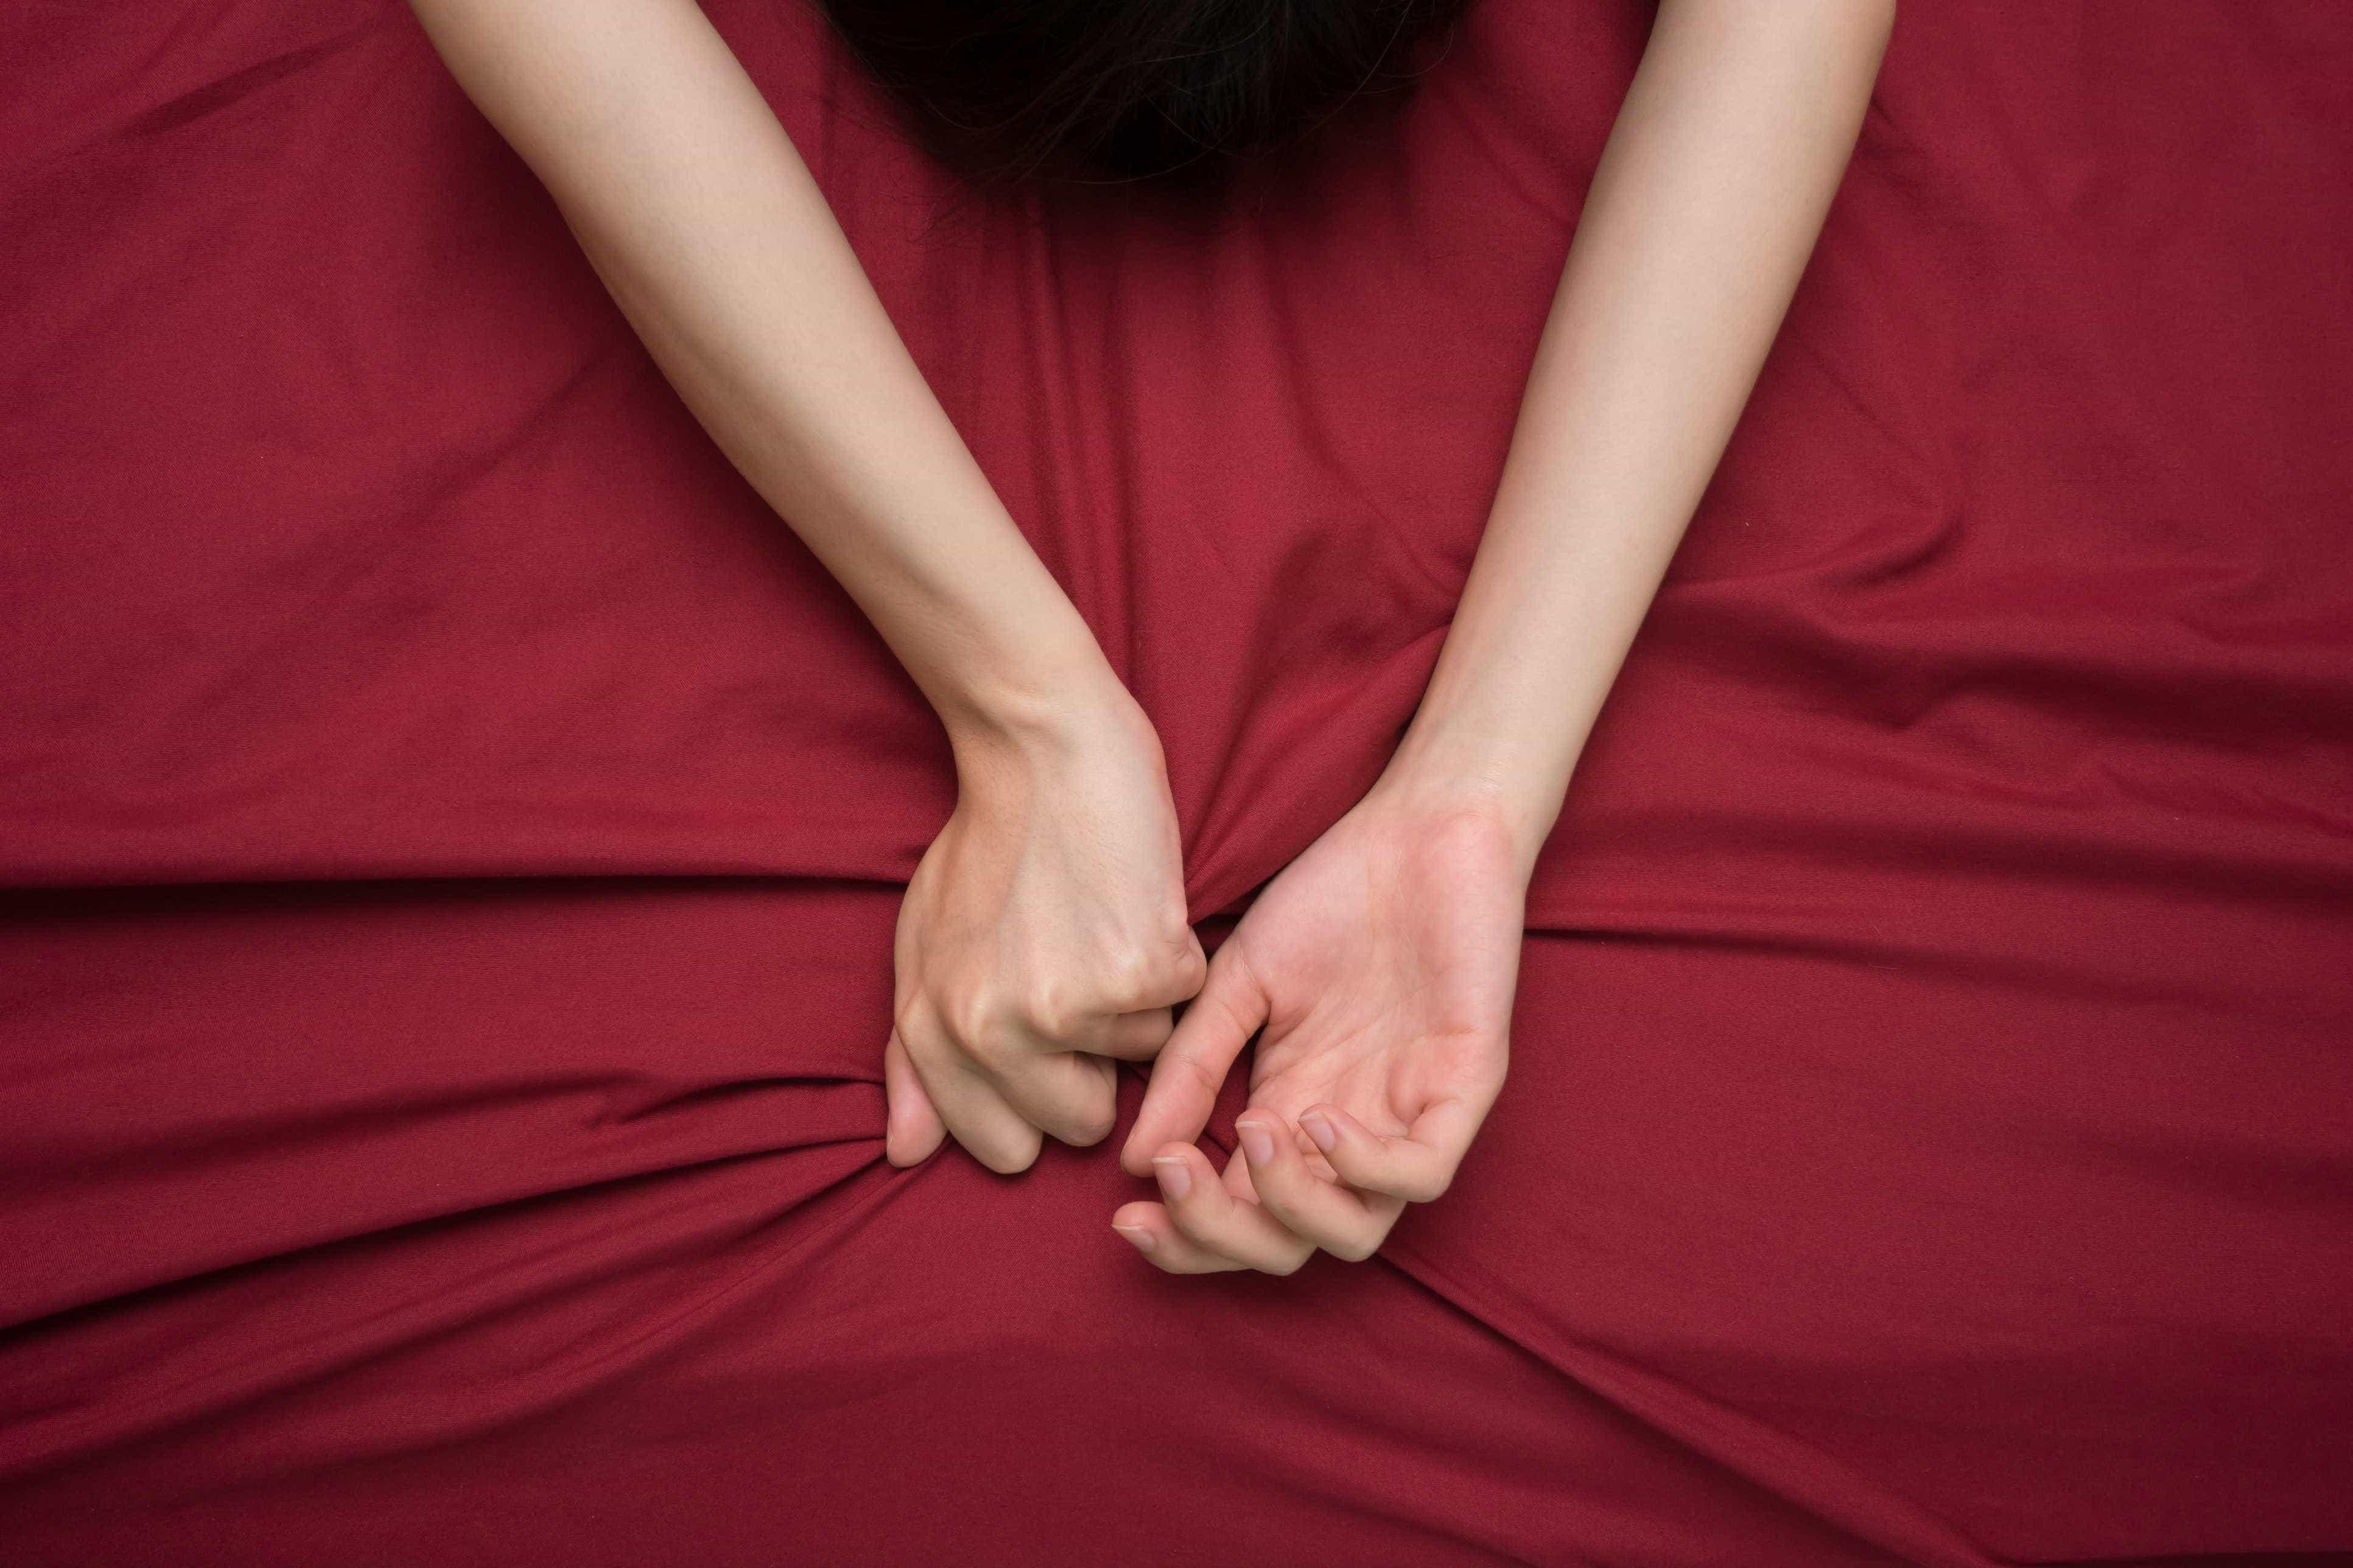 Clit-me. O jogo que quer ensinar mais sobre o orgasmo feminino